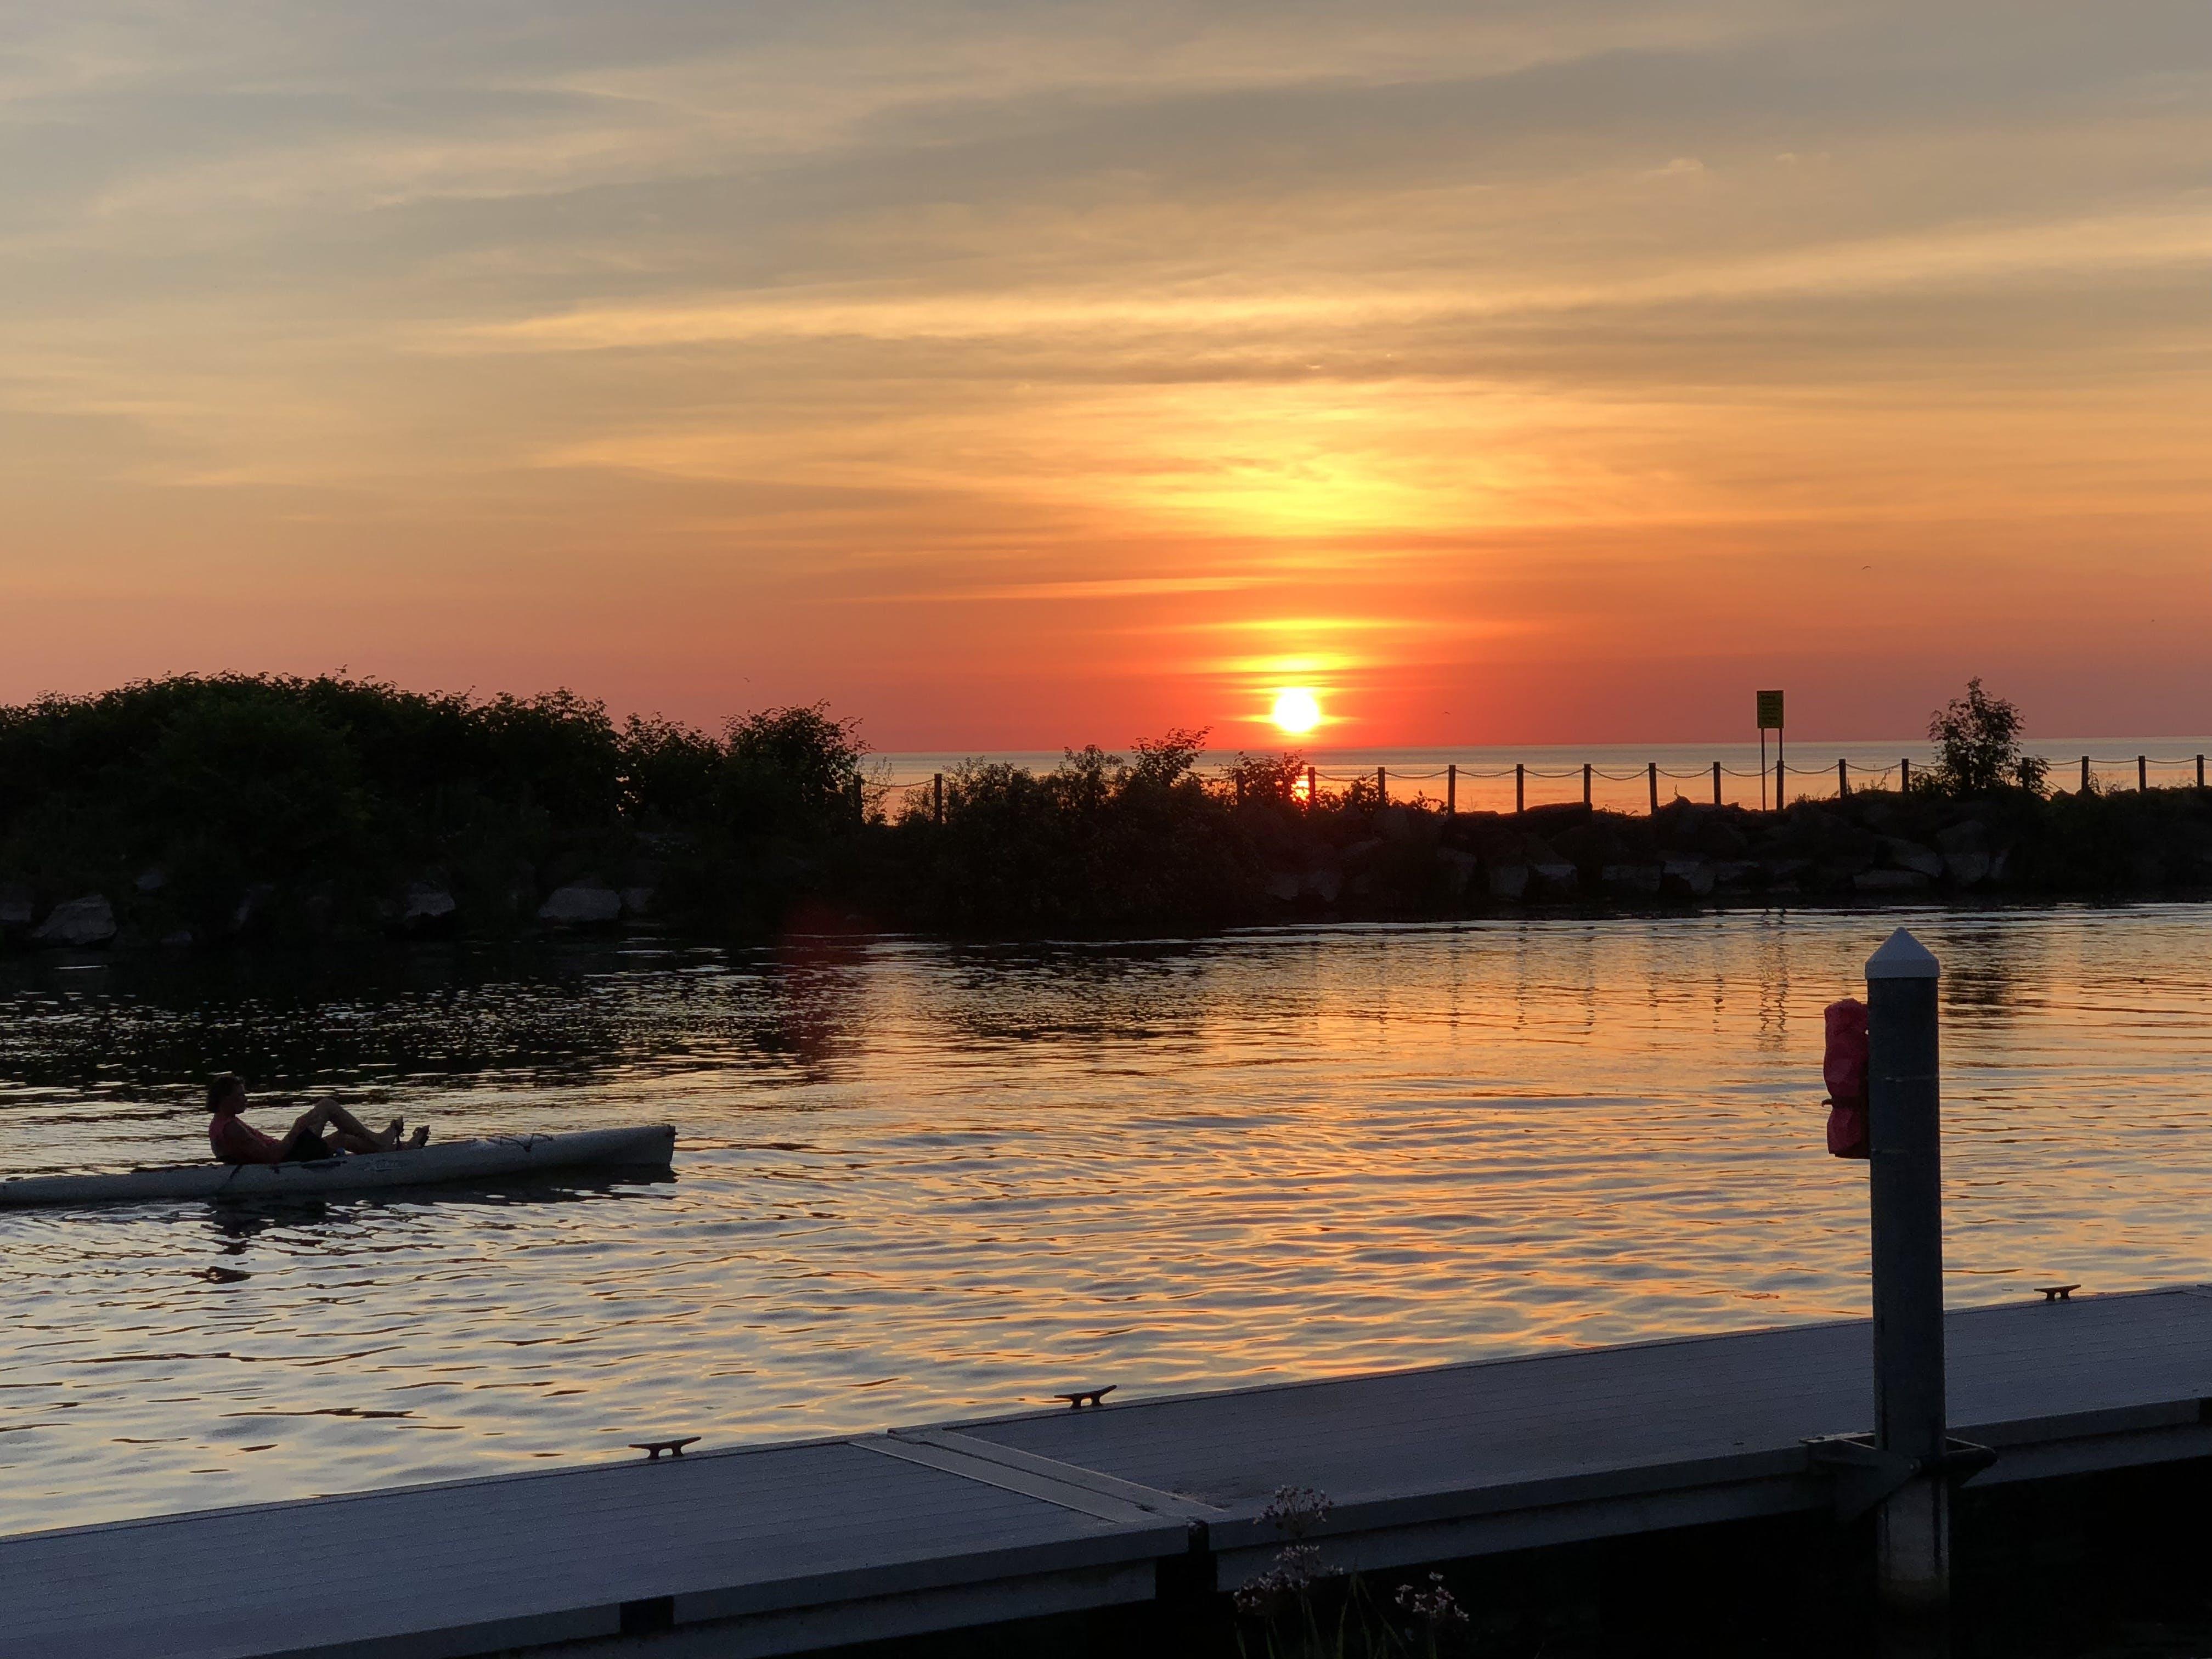 Free stock photo of kayak, lake, serene, sunset